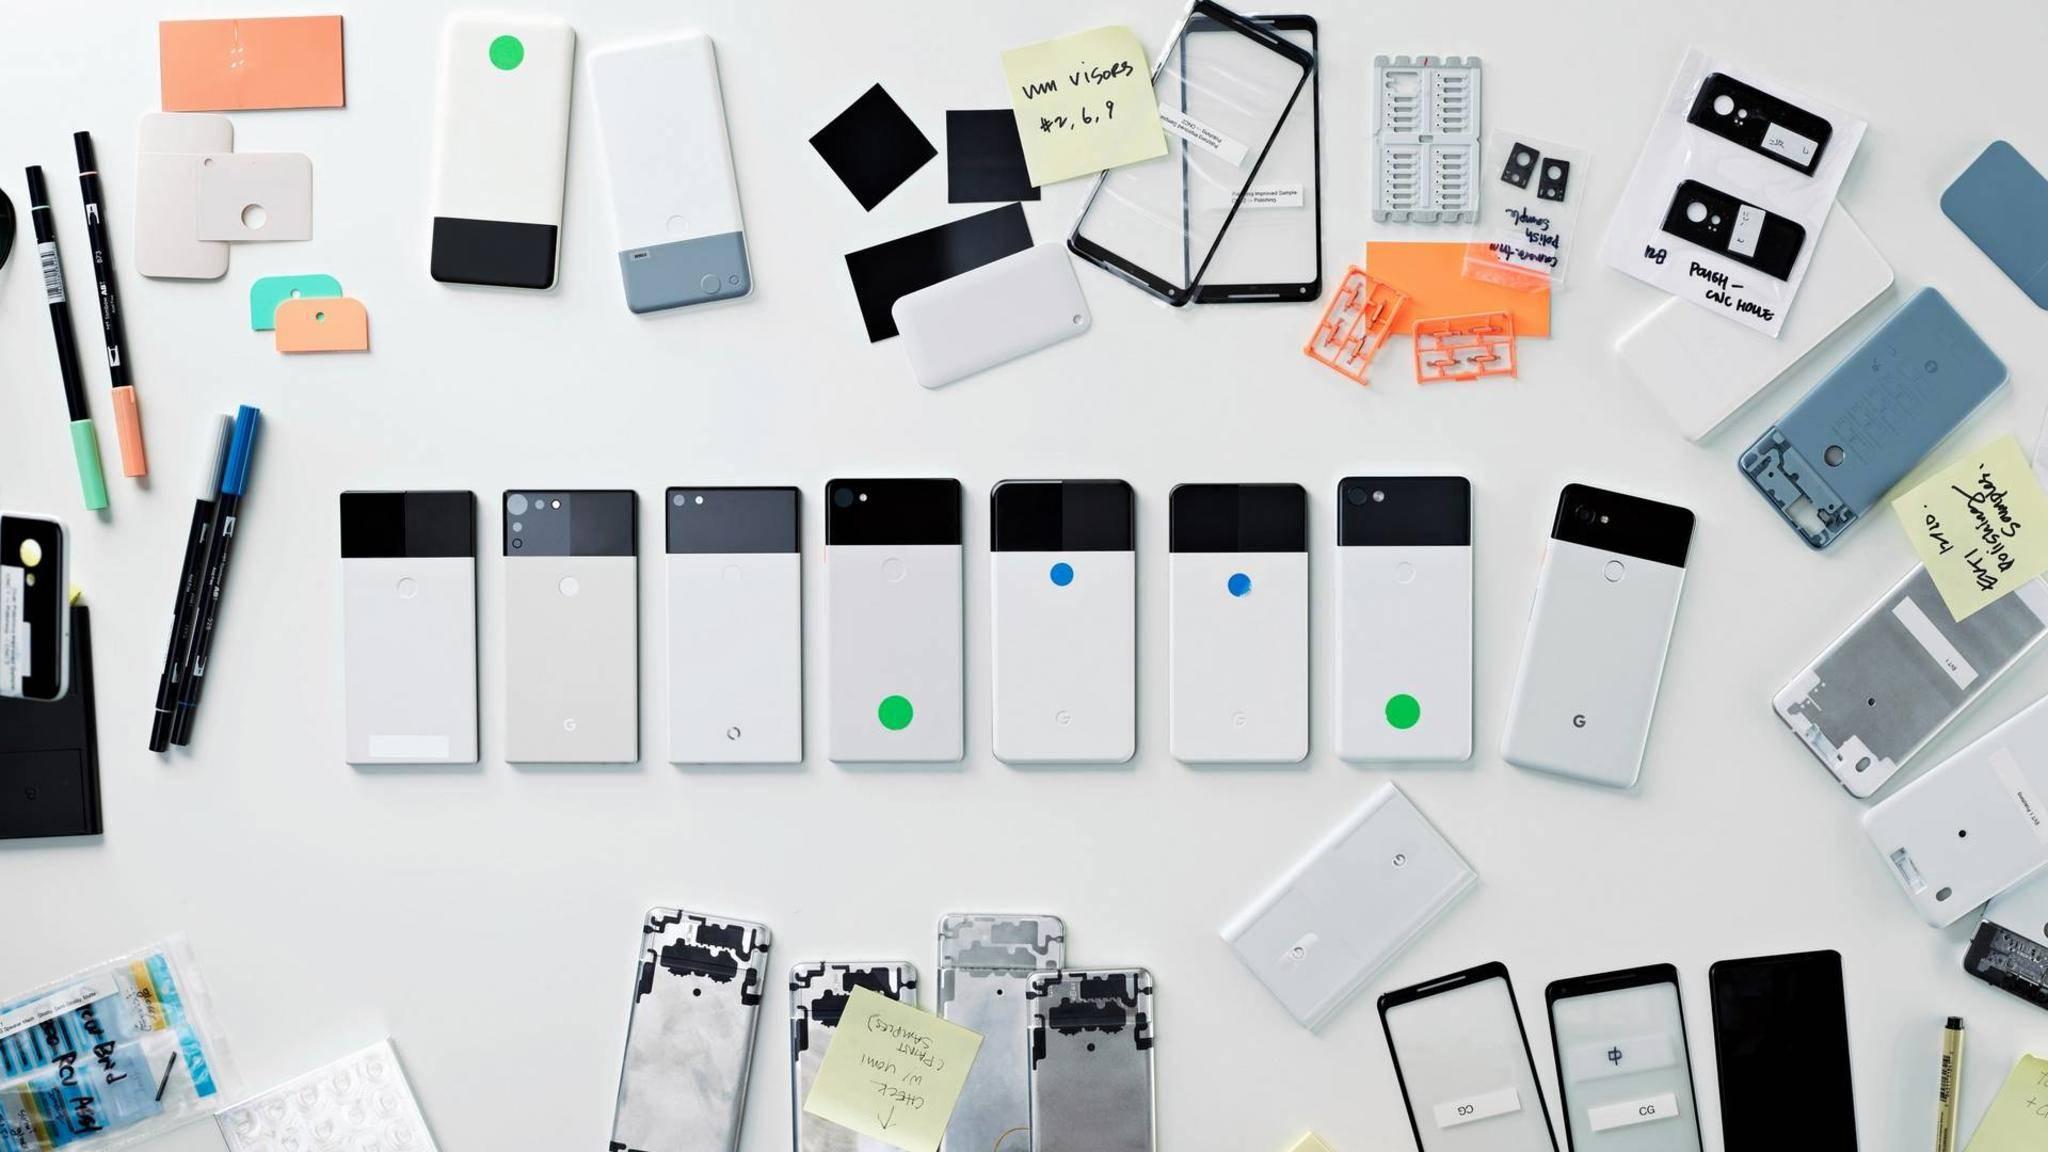 Hier sehen wir mehrere Prototypen des Google Pixel 2.